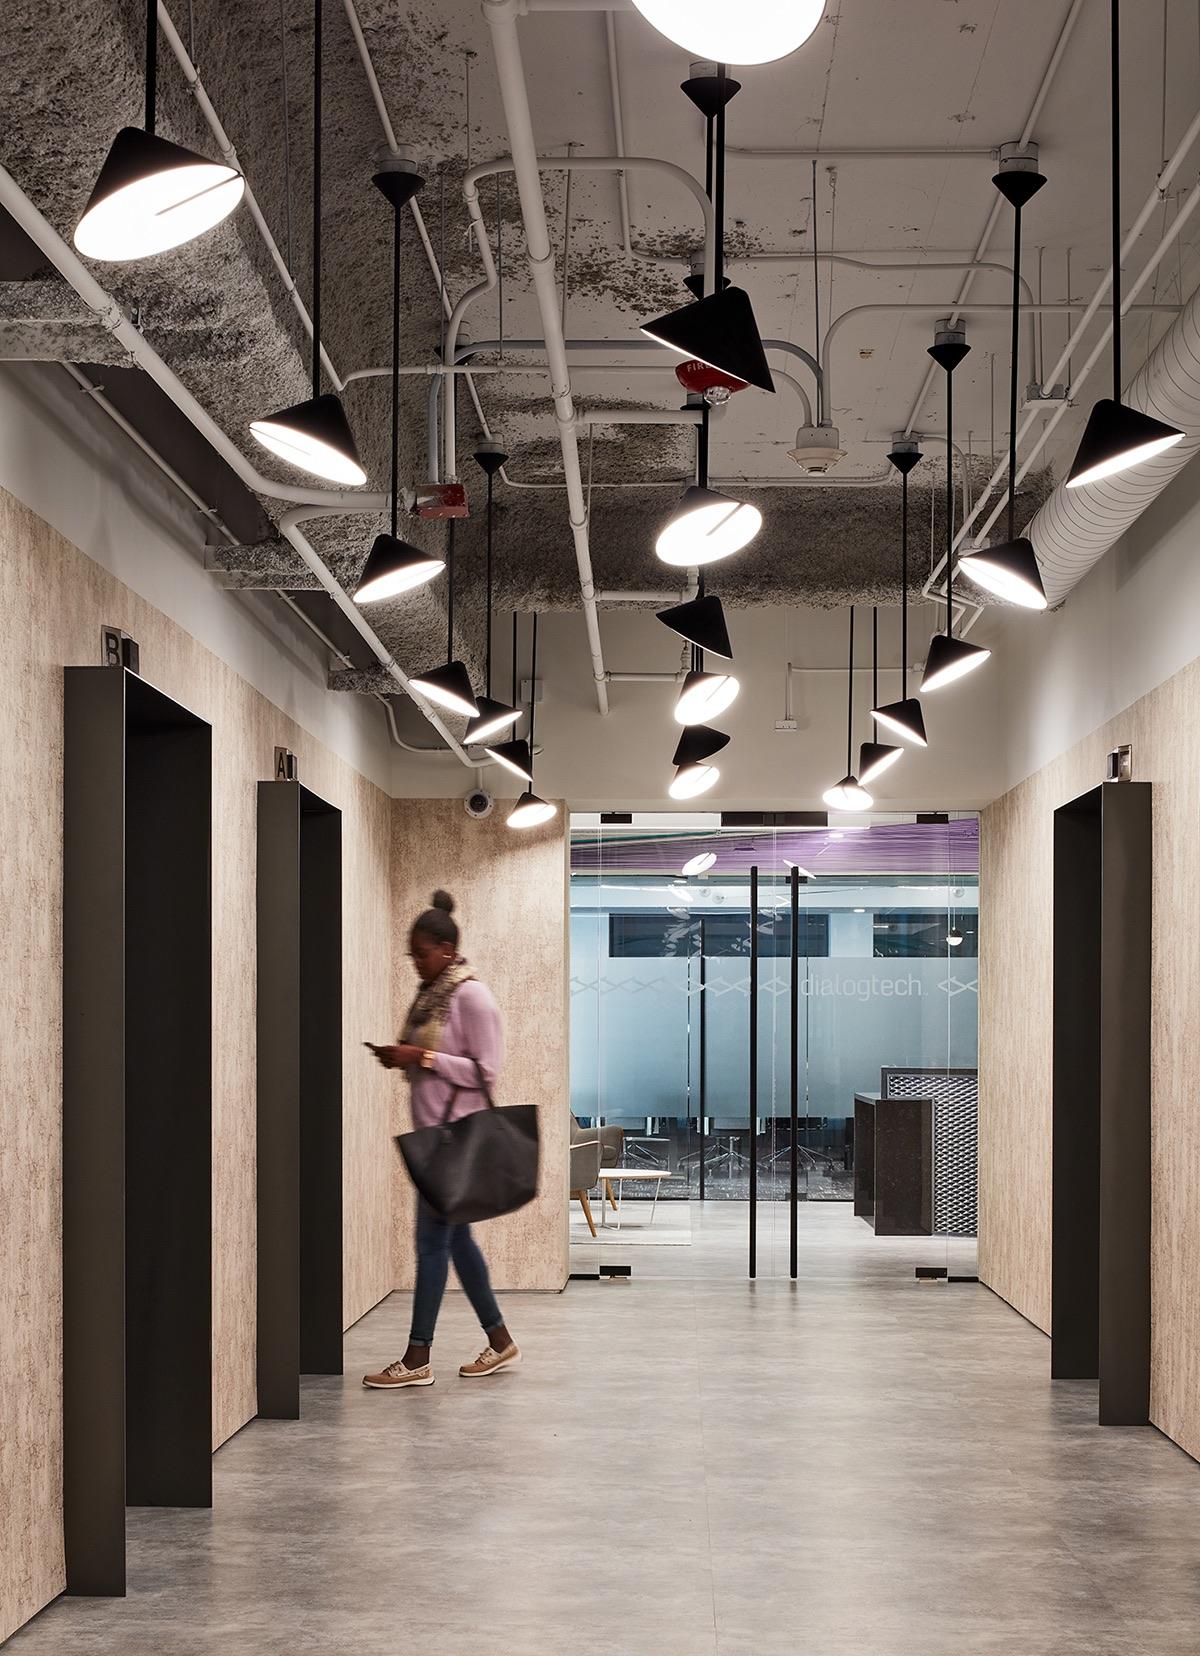 dialogtech-chicago-office-1